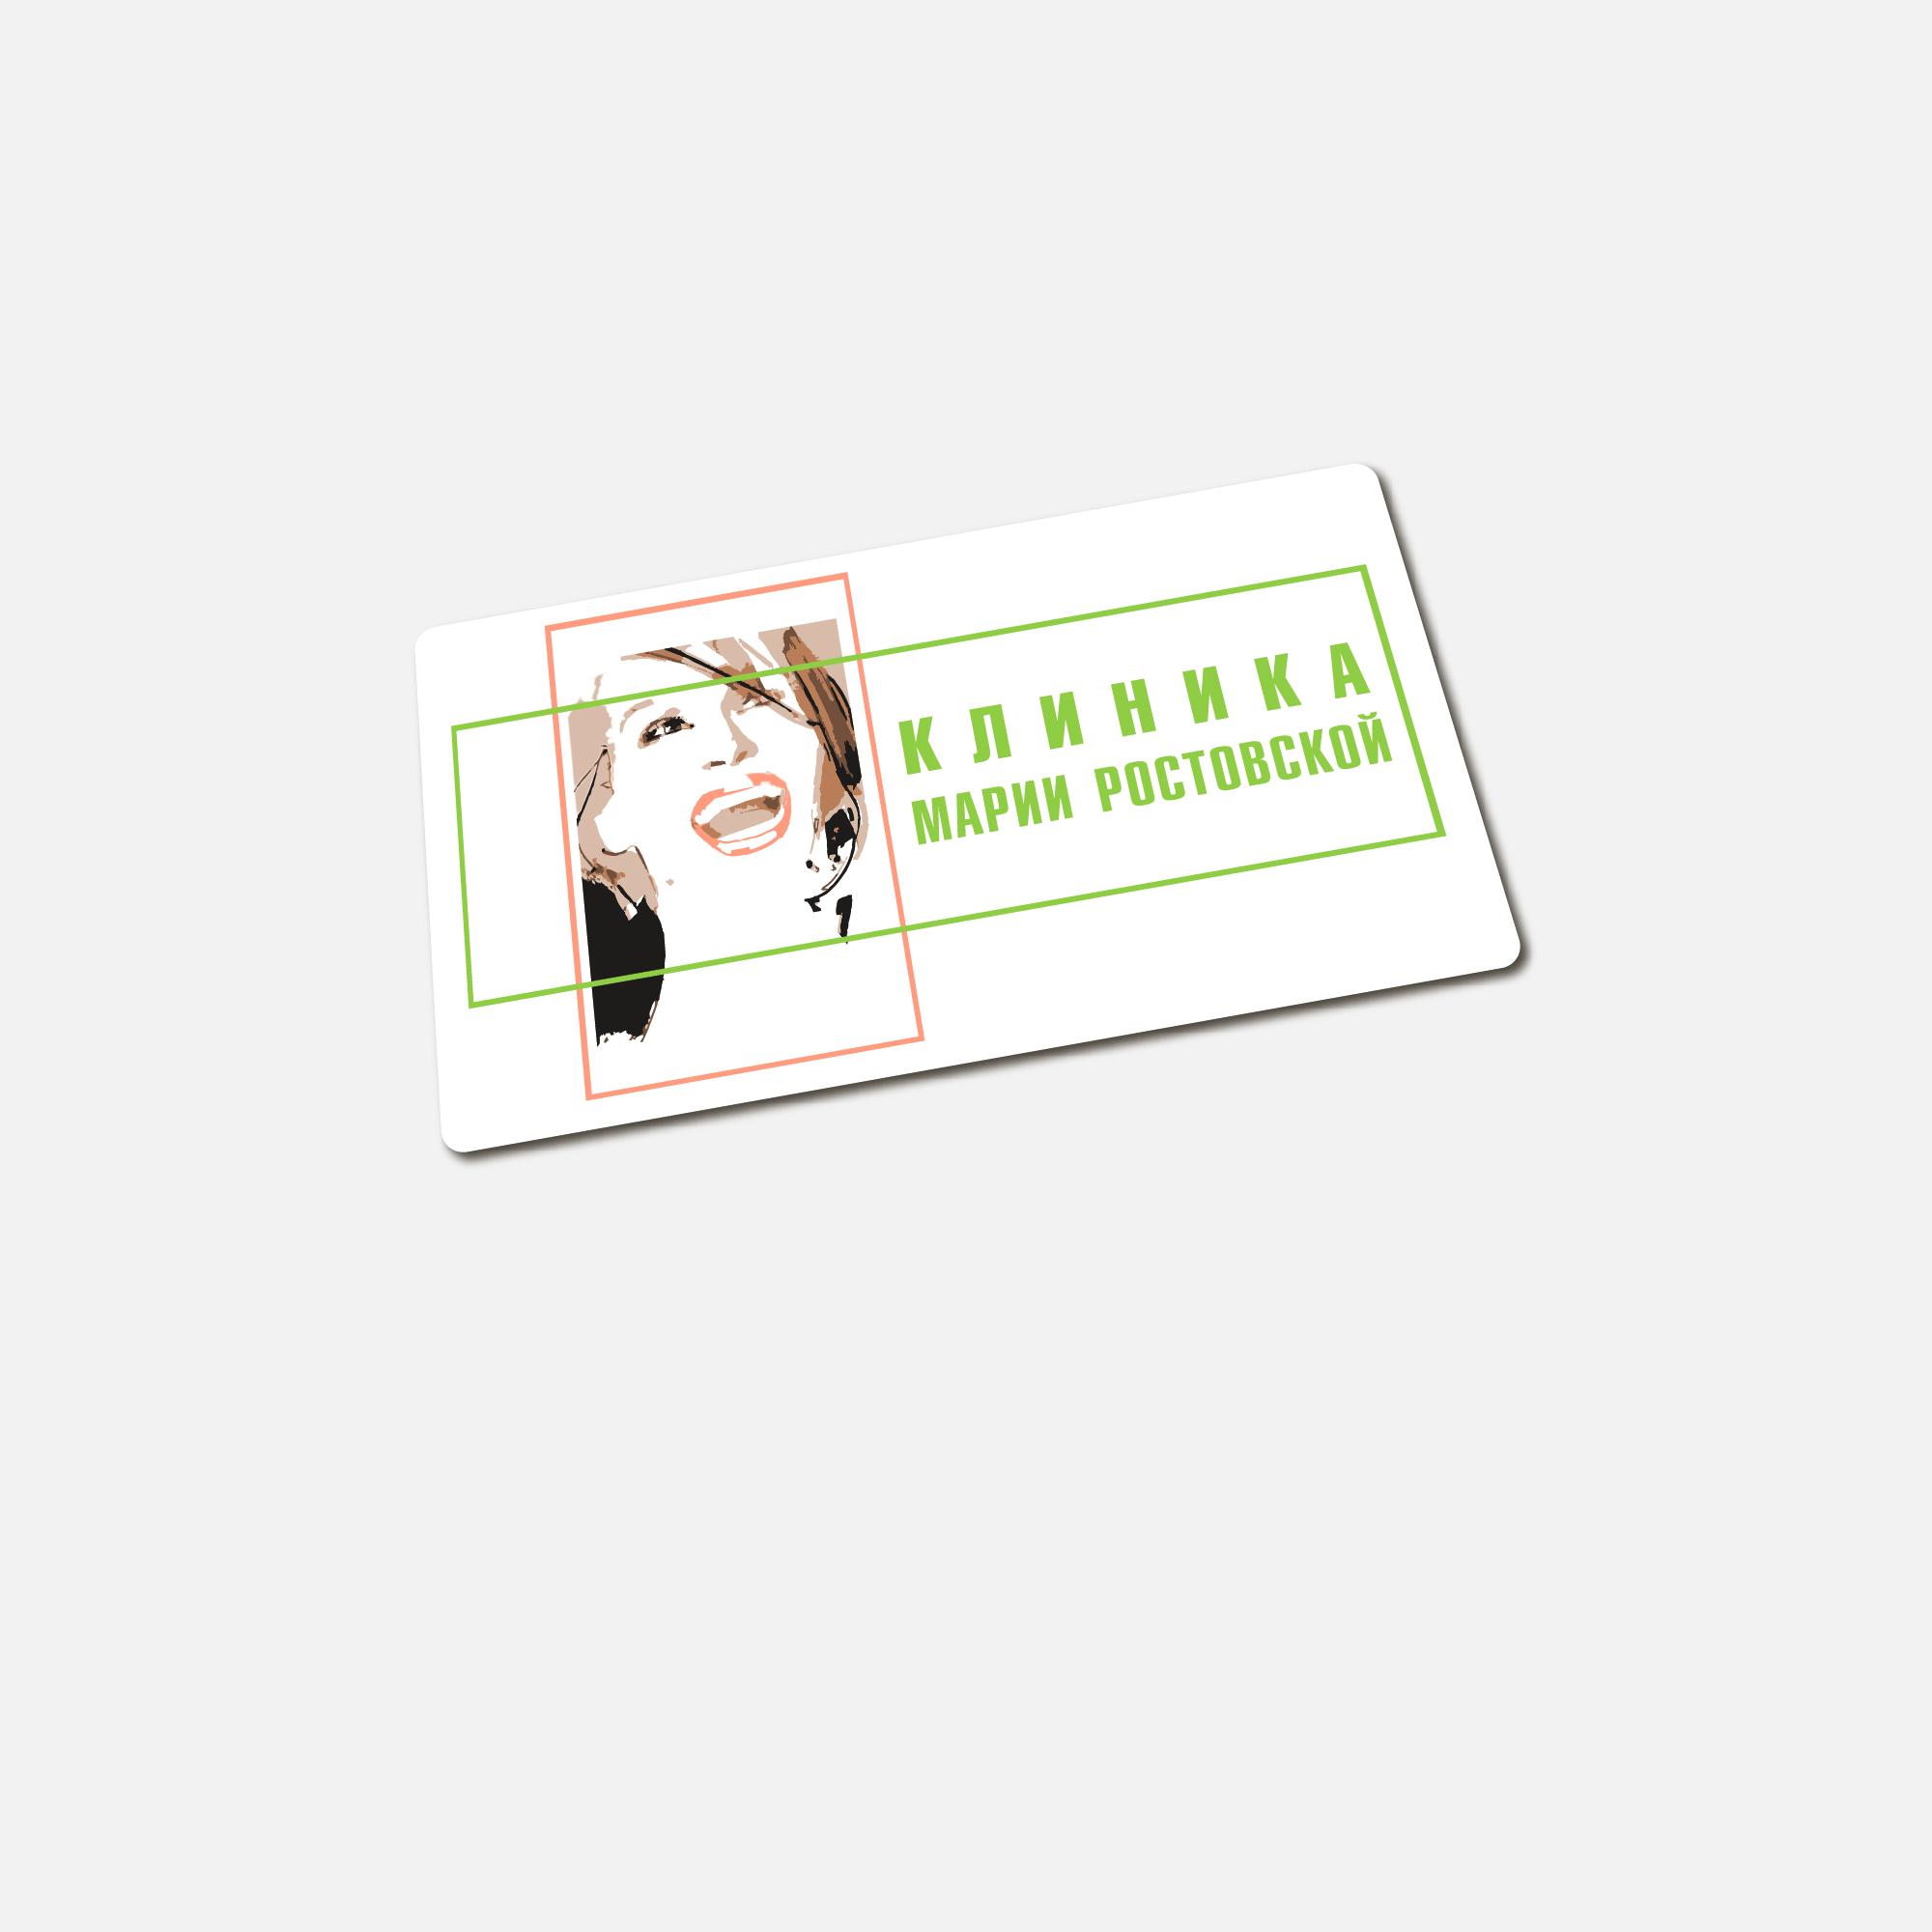 Разработка фирменного стиля для Клиники омоложения фото f_6215a341916679e2.jpg